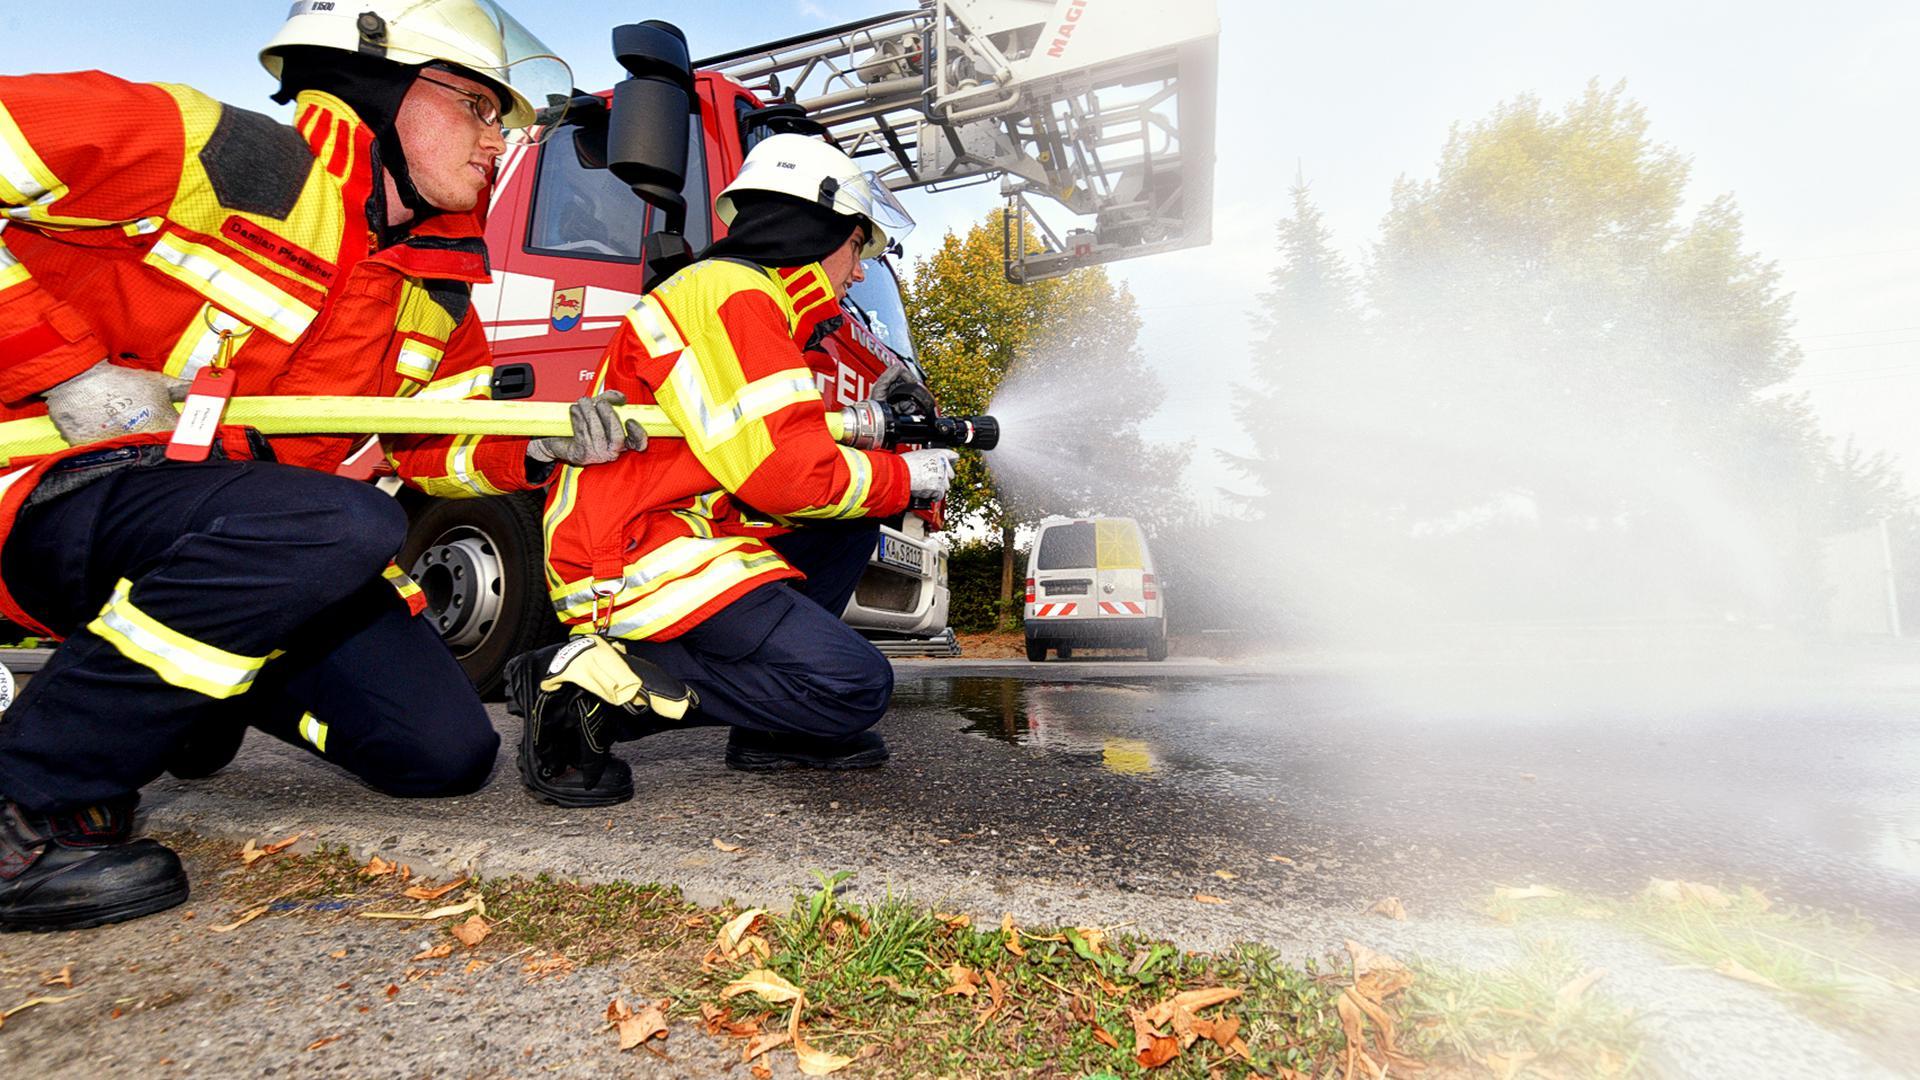 Feuerwehreinsatzkräfte knien vor einem Wagen und halten einen Schlauch (Symbolbild).